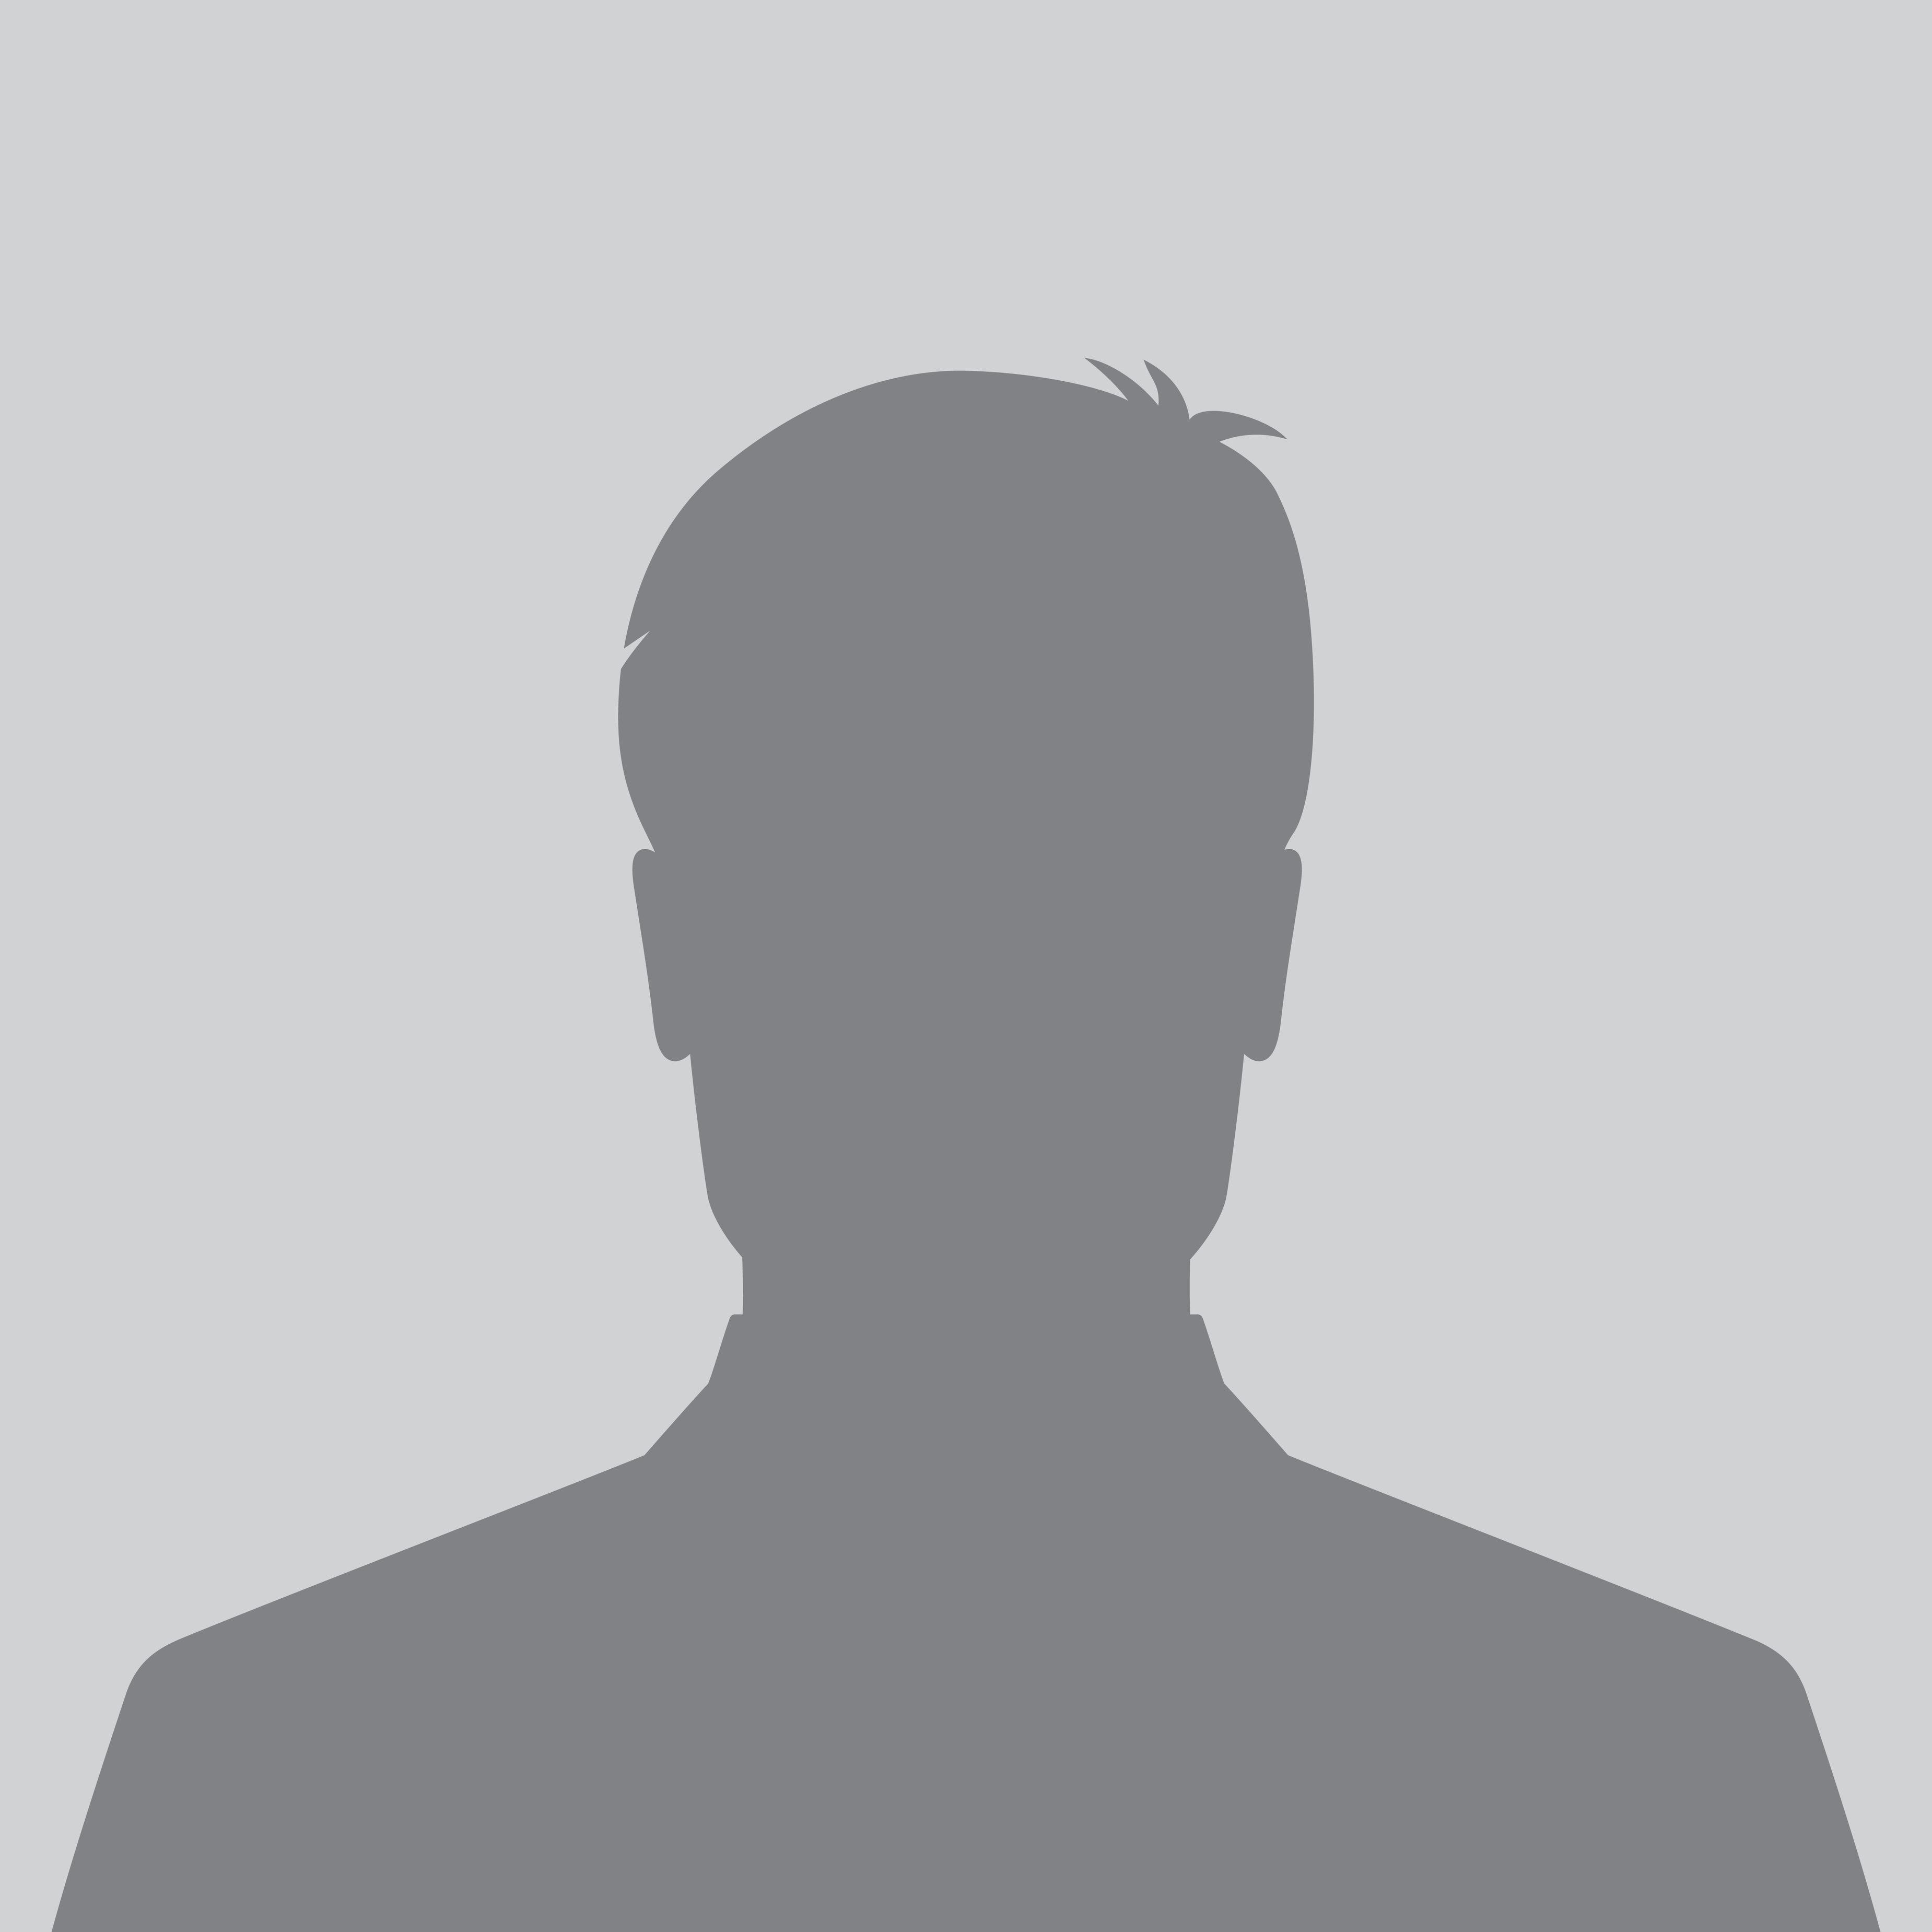 Male silhouette avatar icon, user profile picture